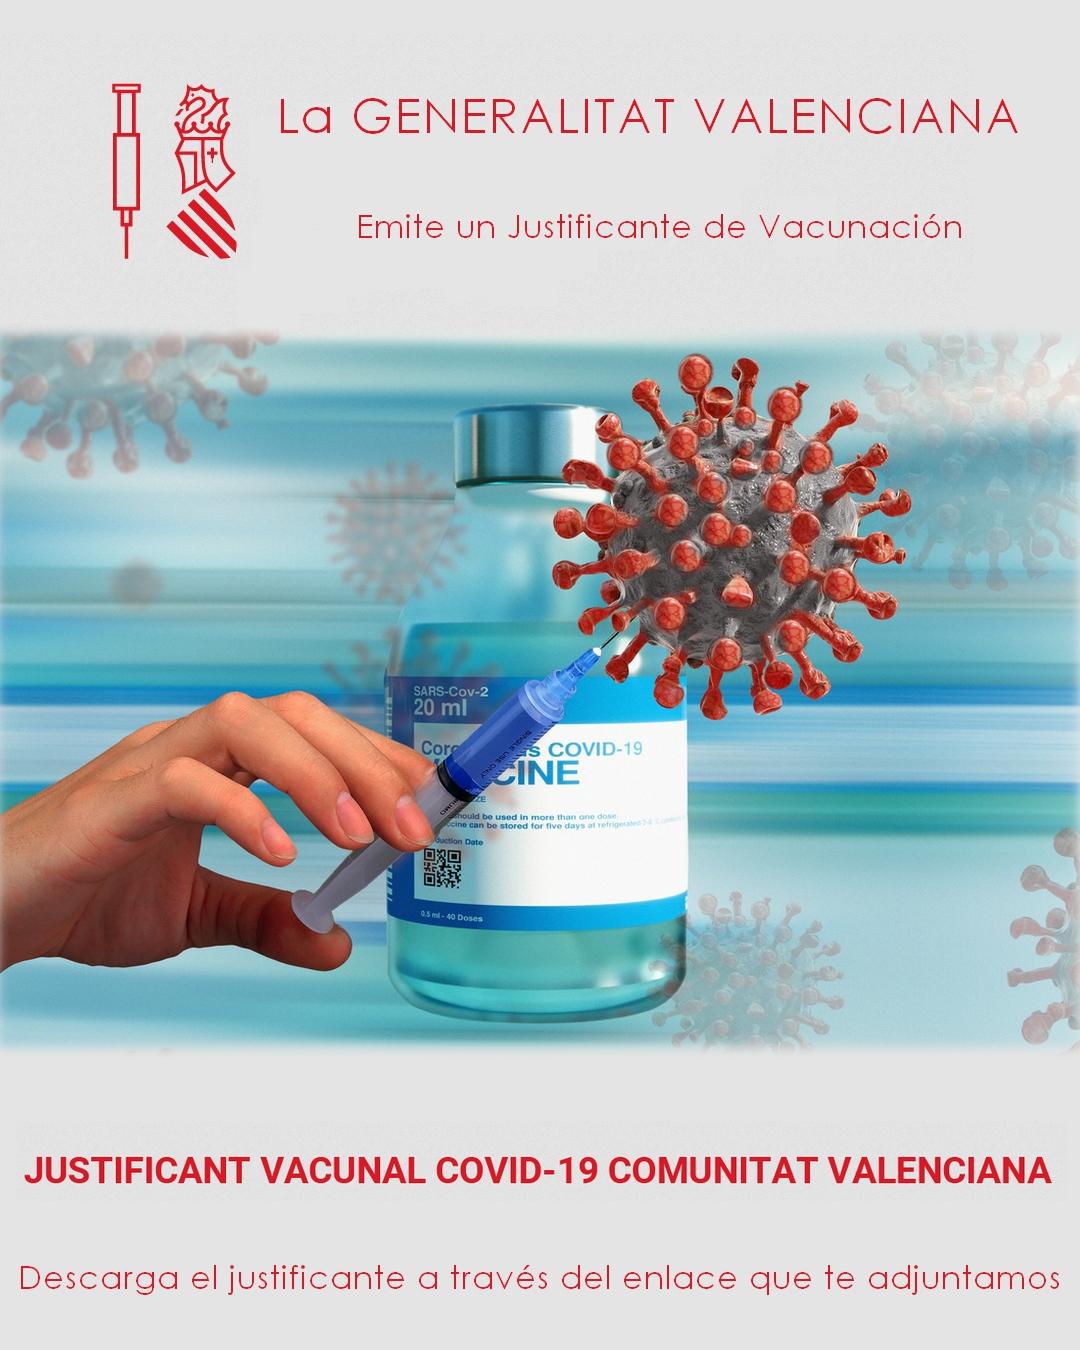 Justificante Vacunal COVID-19 en la Comunitat Valenciana